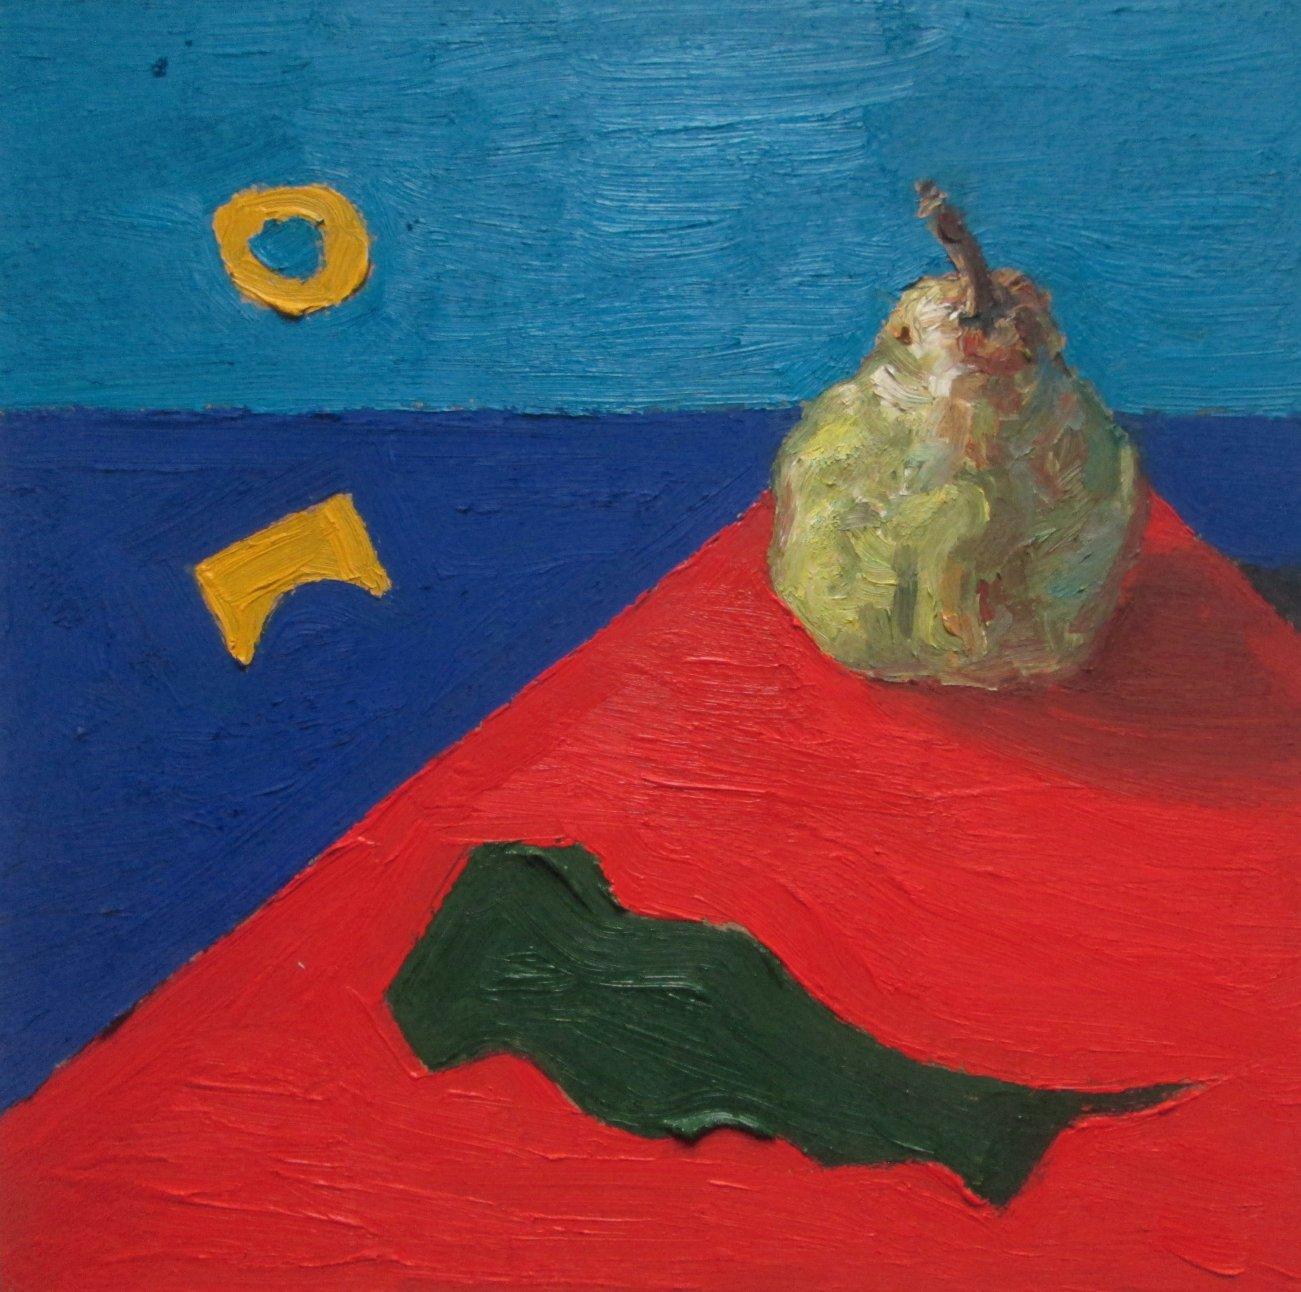 Composición con pera (2019) - Sebastián González - Sbastiangr